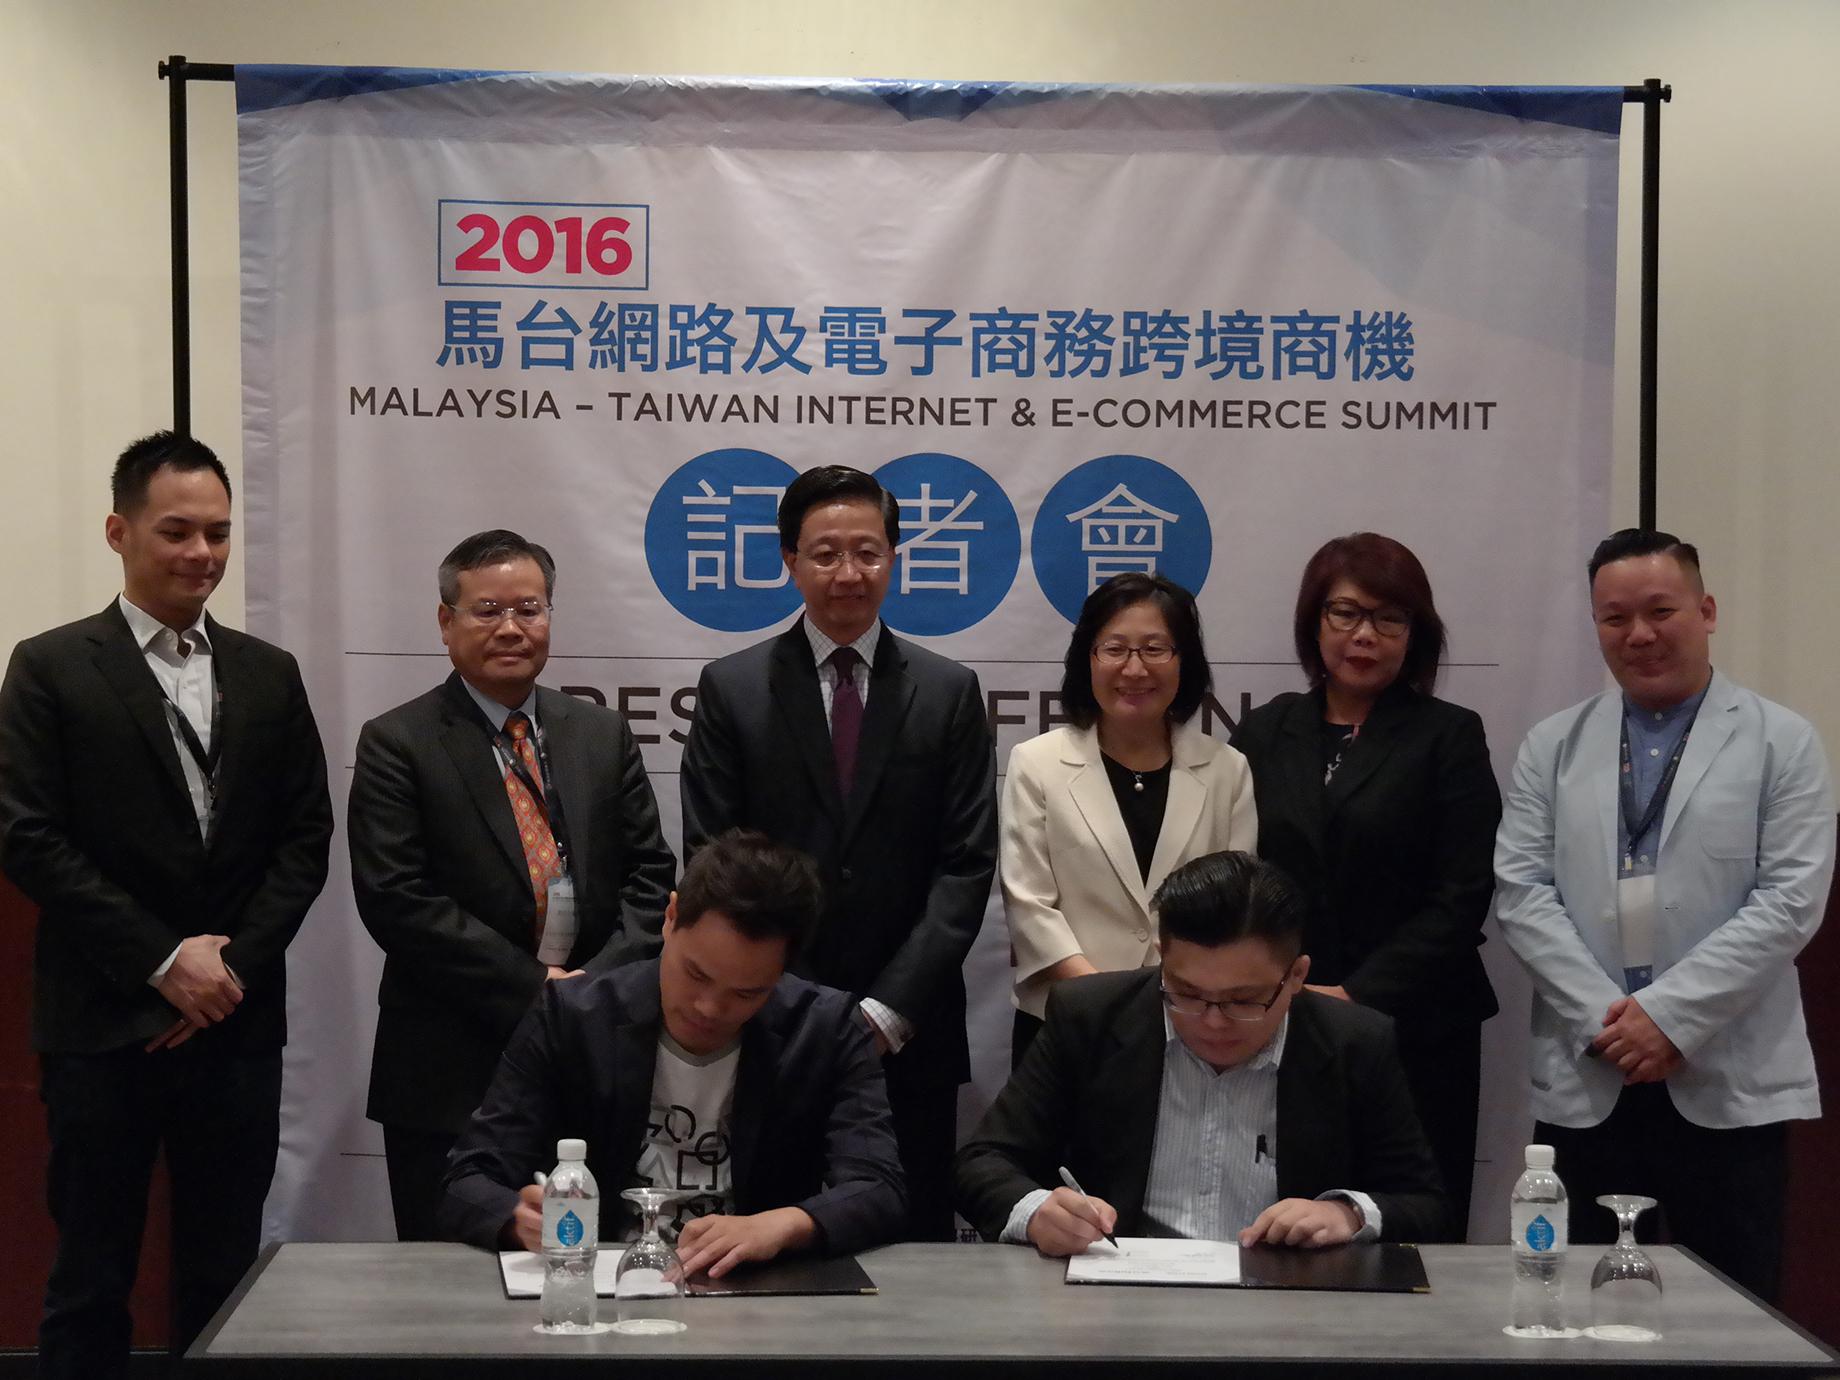 SmartM加速佈局大馬,與Wofollow合作,提供臺馬企業合作媒合、電商人才招募、企業內訓、電商課程